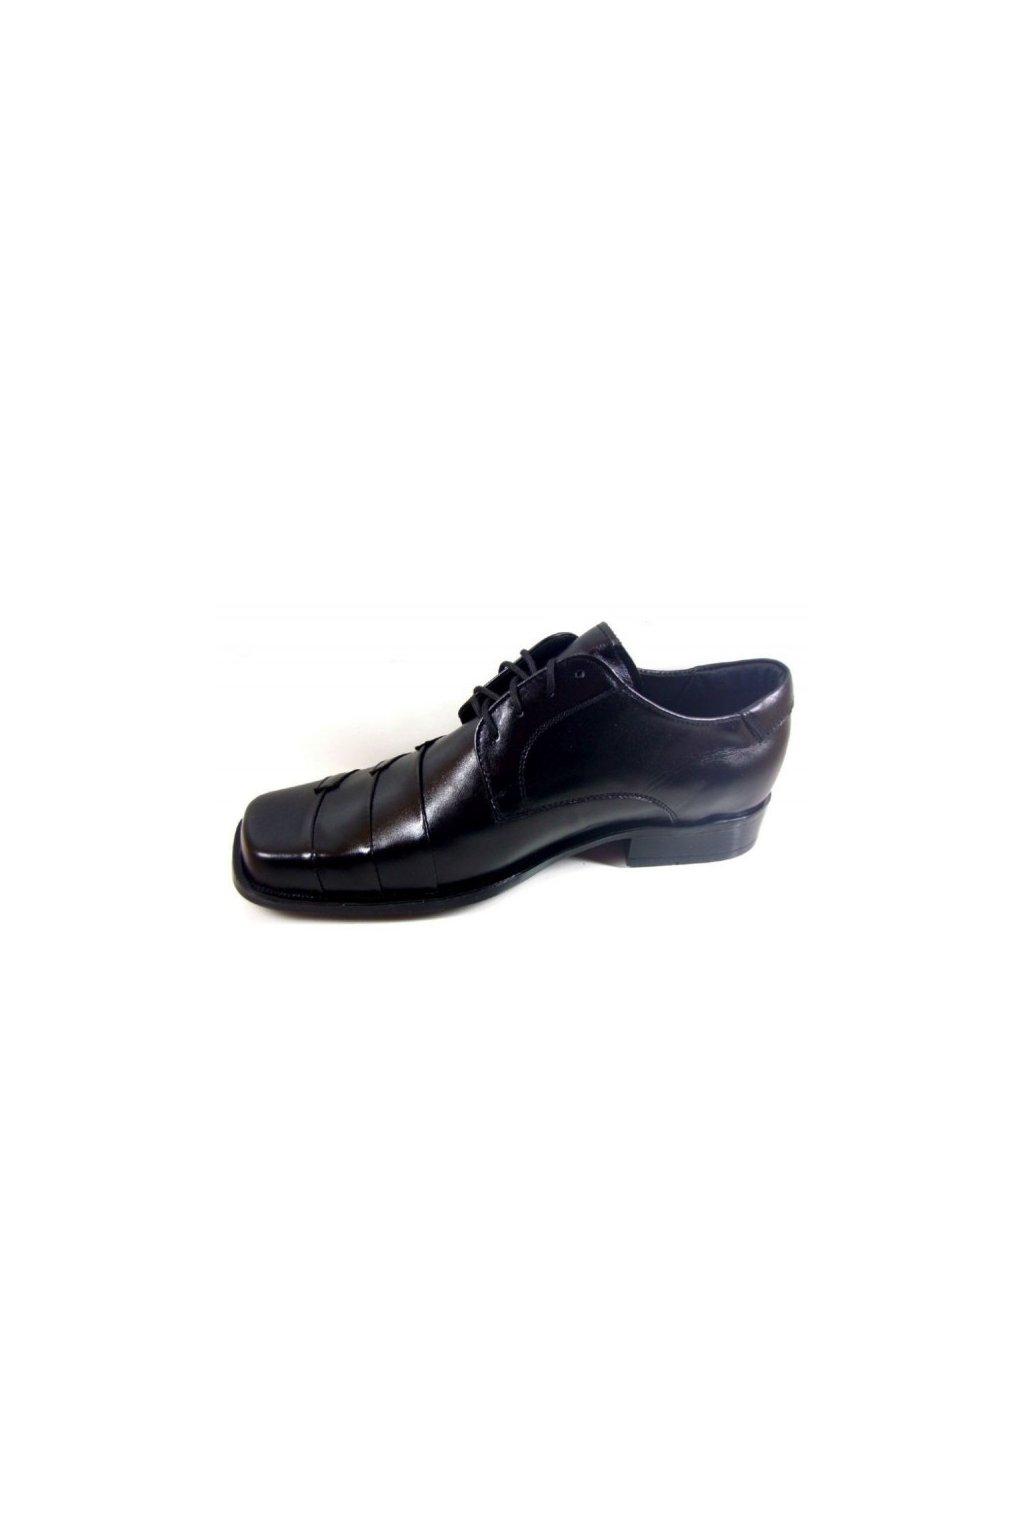 Podměrná pánská obuv Češv MAX1